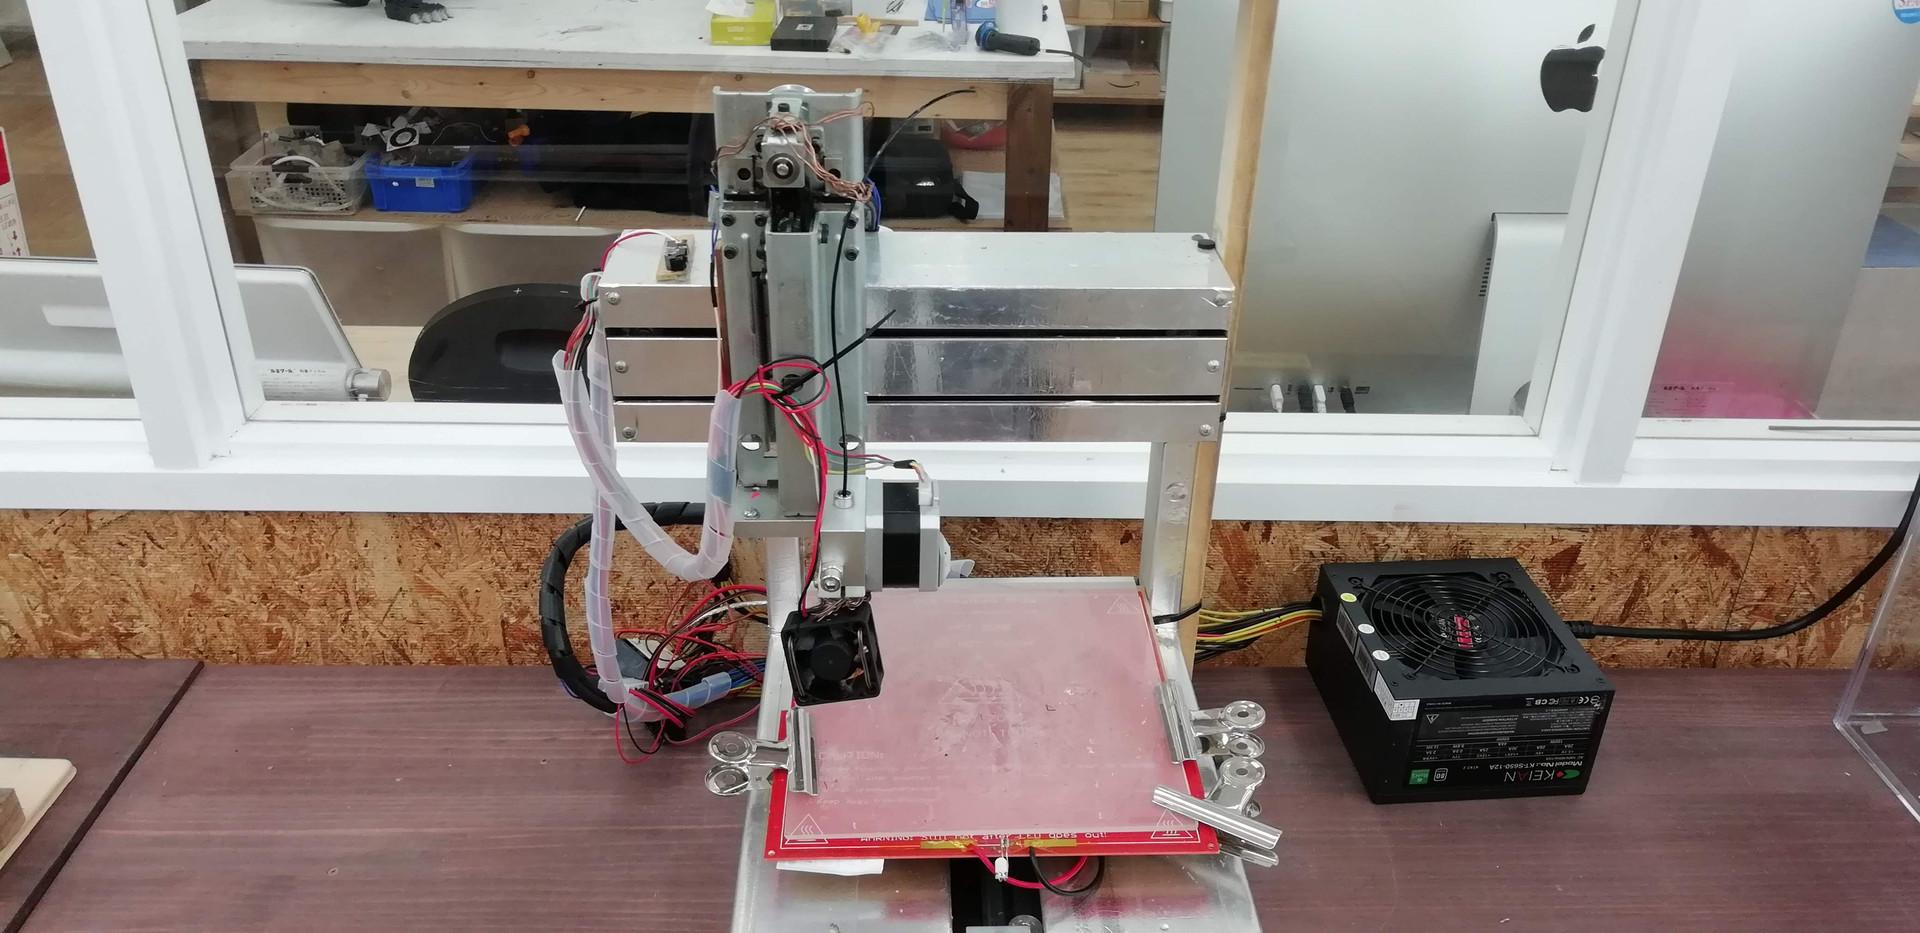 自作3Dプリンタ